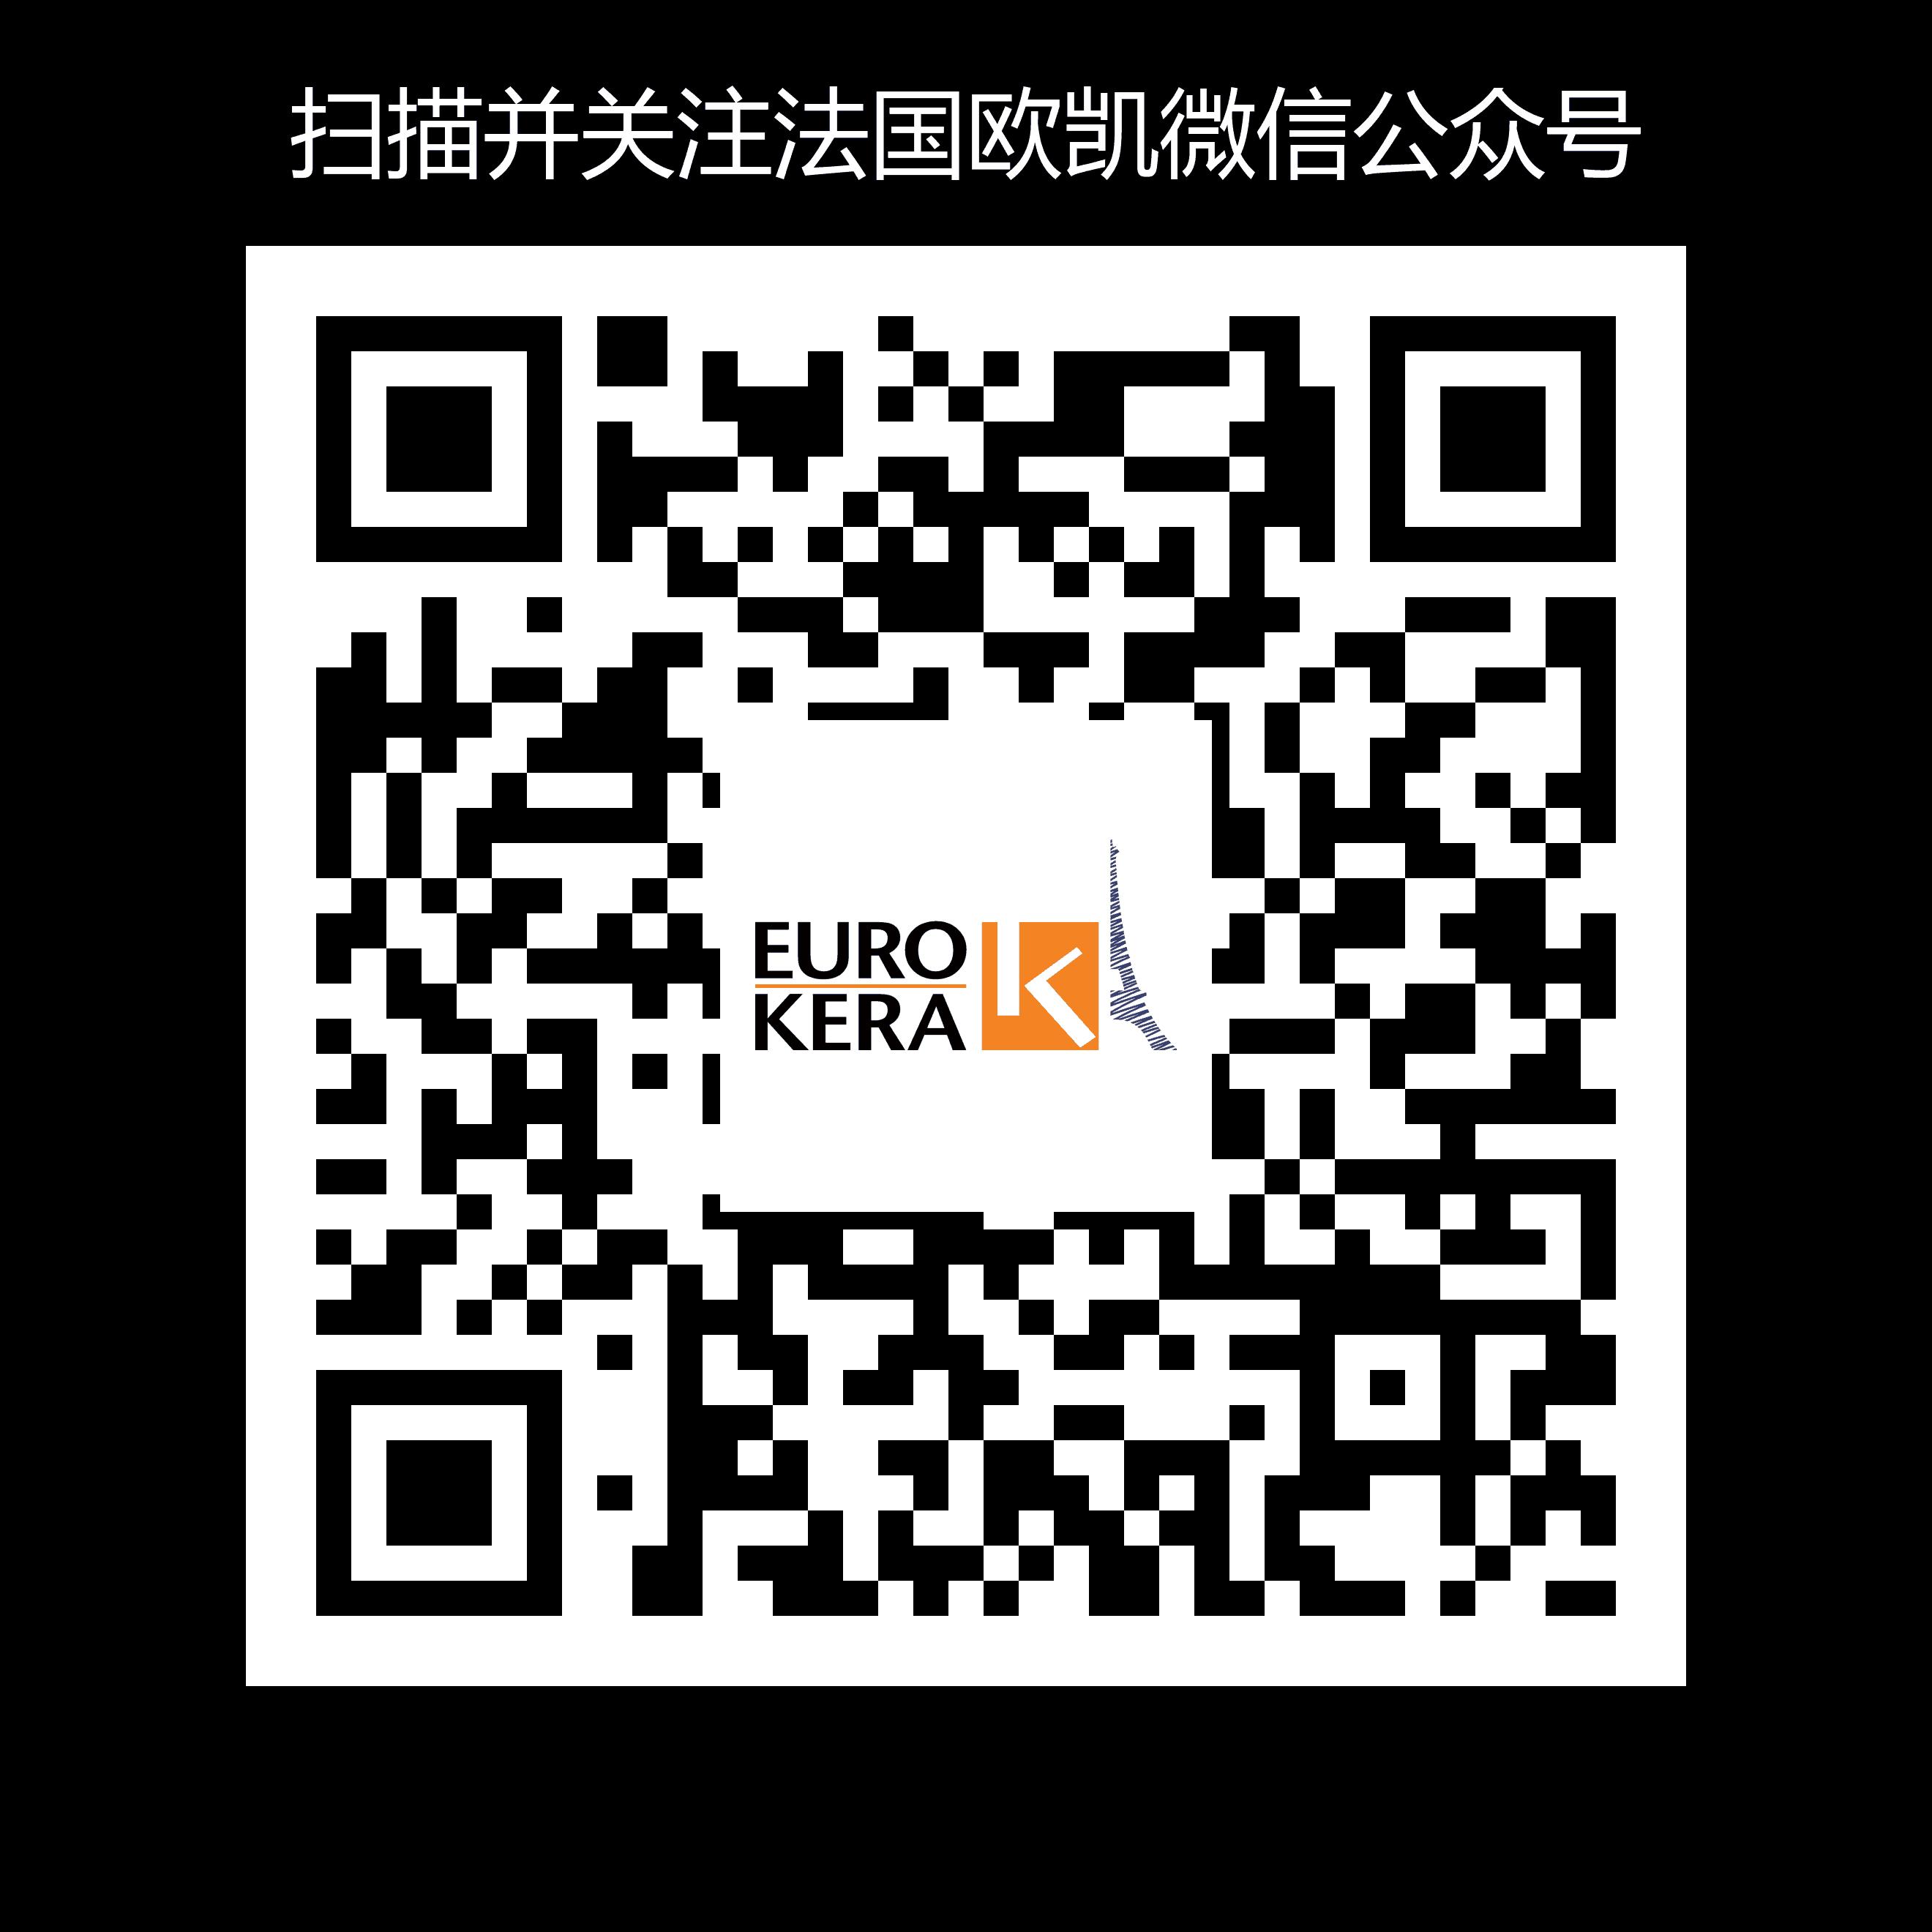 WeChat EuroKera